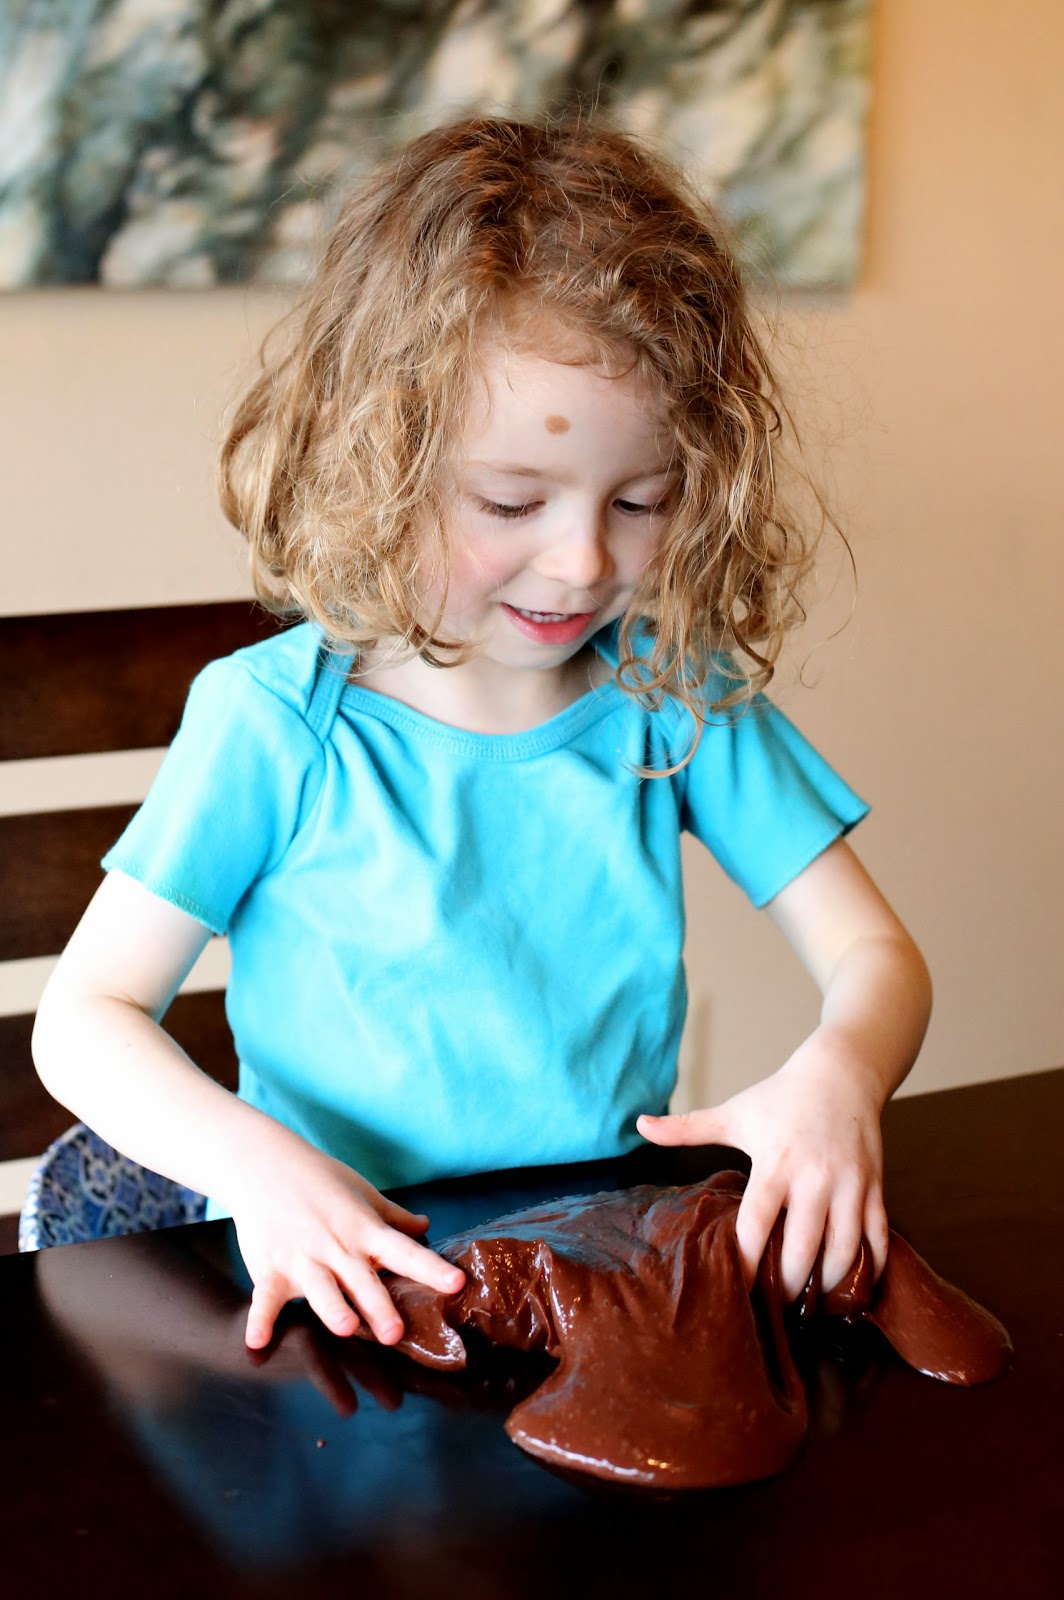 Лизун с шоколадным ароматом-игры ребенка на столе